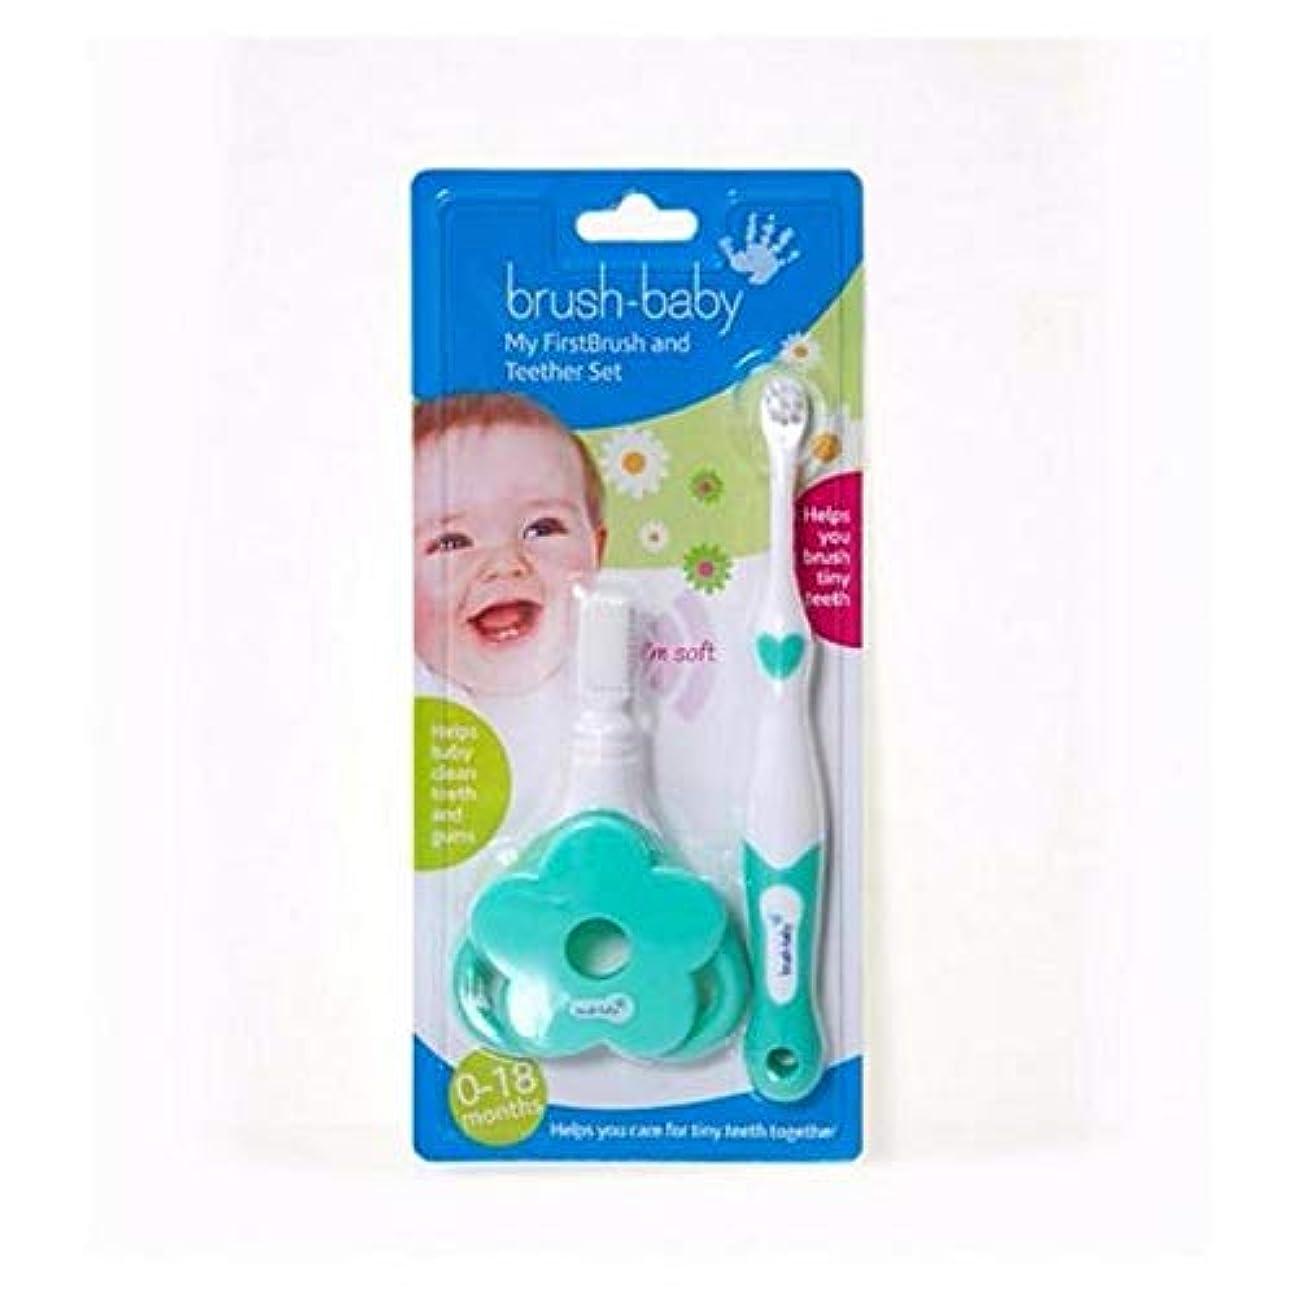 映画奴隷むちゃくちゃ[Brush-Baby ] ブラシ赤ちゃんが私のFirstbrush&おしゃぶりはパックごとに2を設定します - Brush-Baby My FirstBrush & Teether Set 2 per pack [並行輸入品]